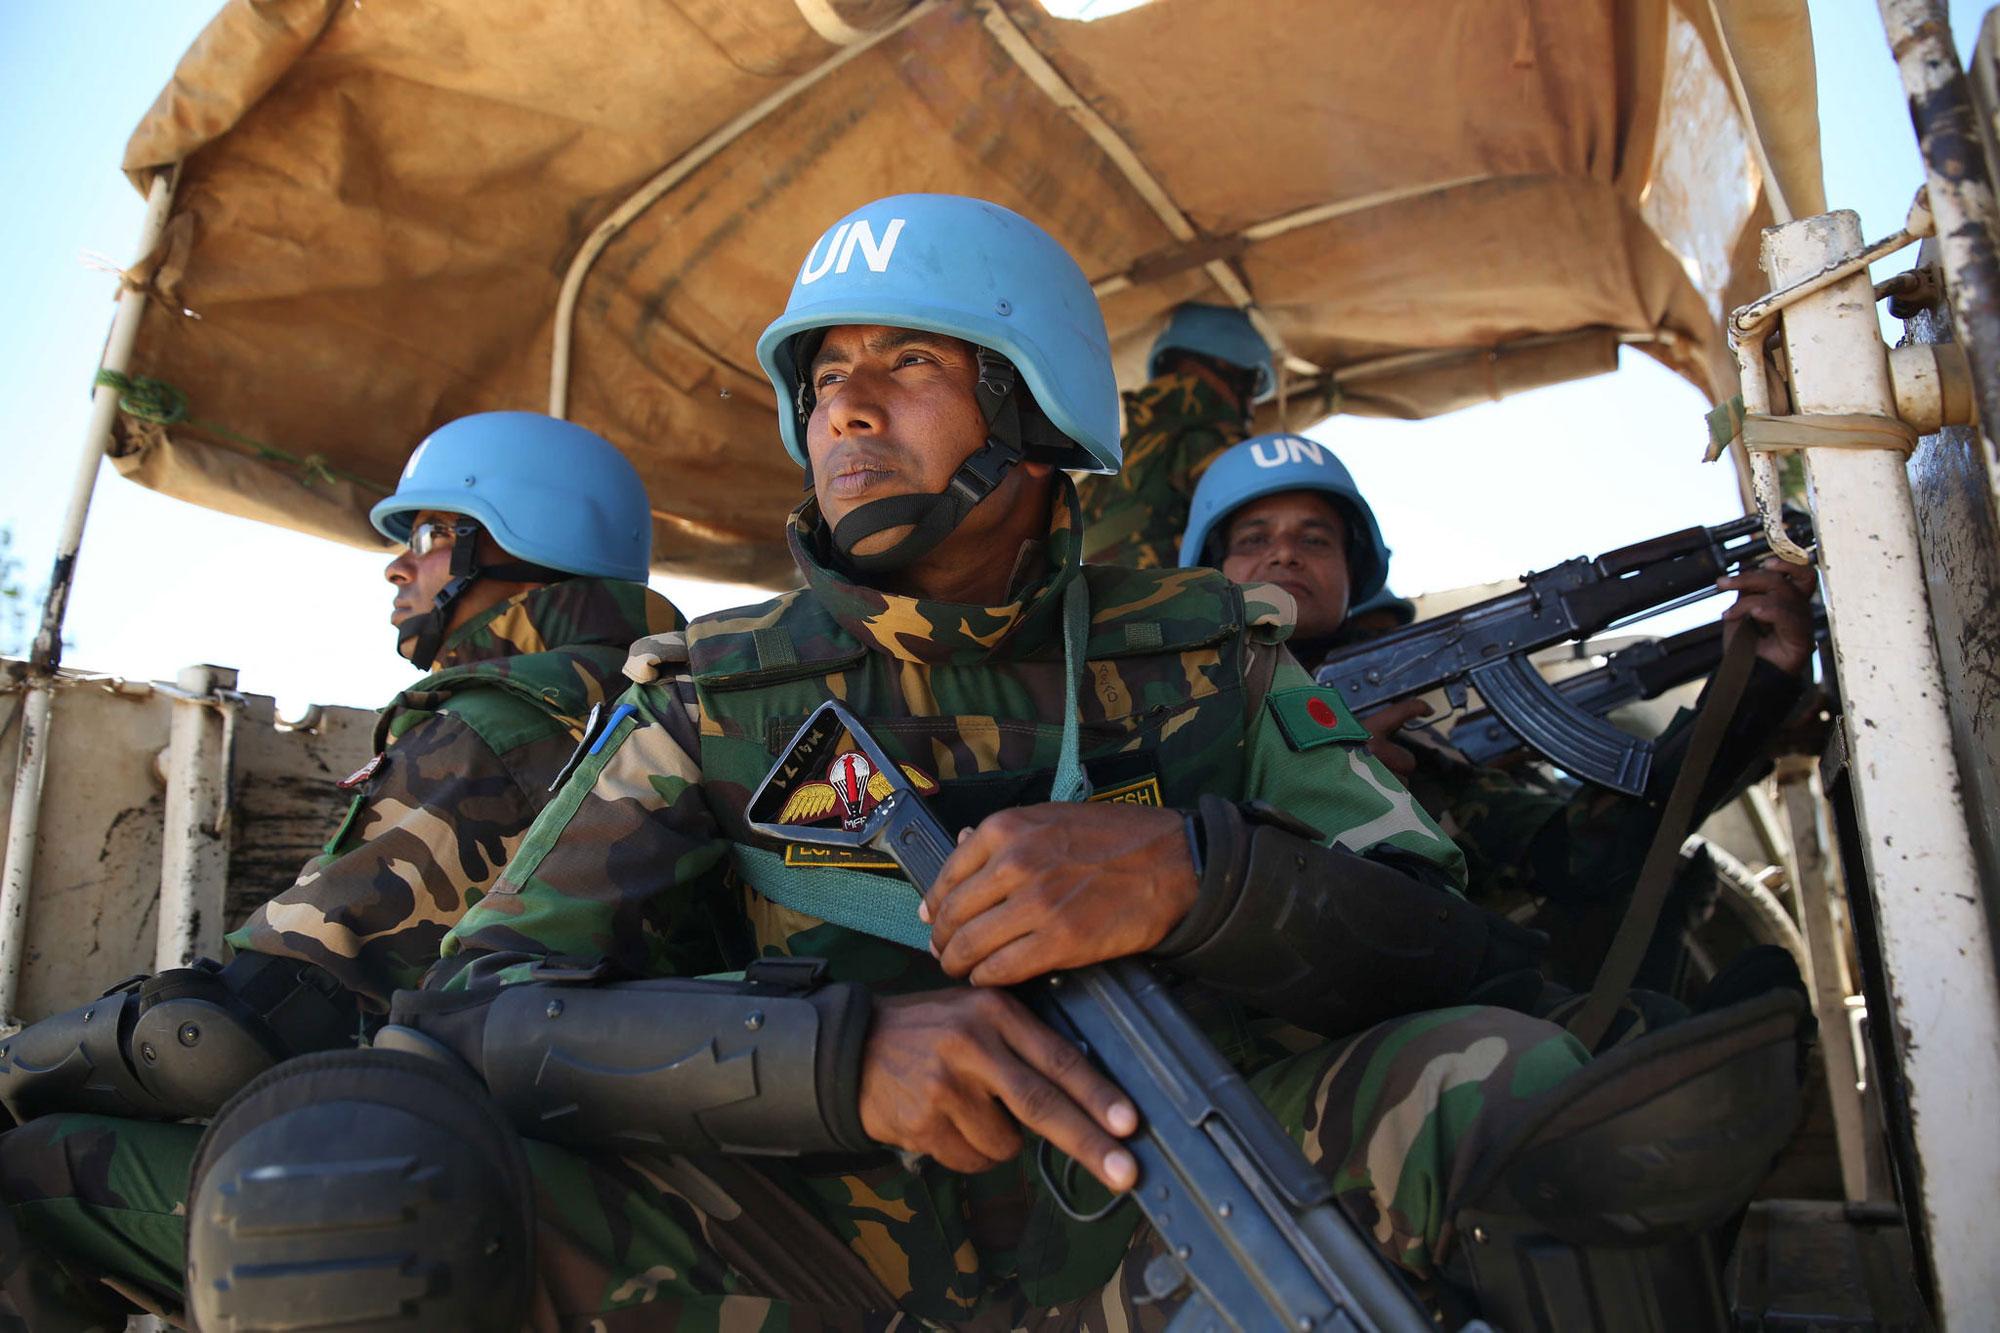 UN Peacekeepers on patrol in Bunia, Ituri Province, DR Congo